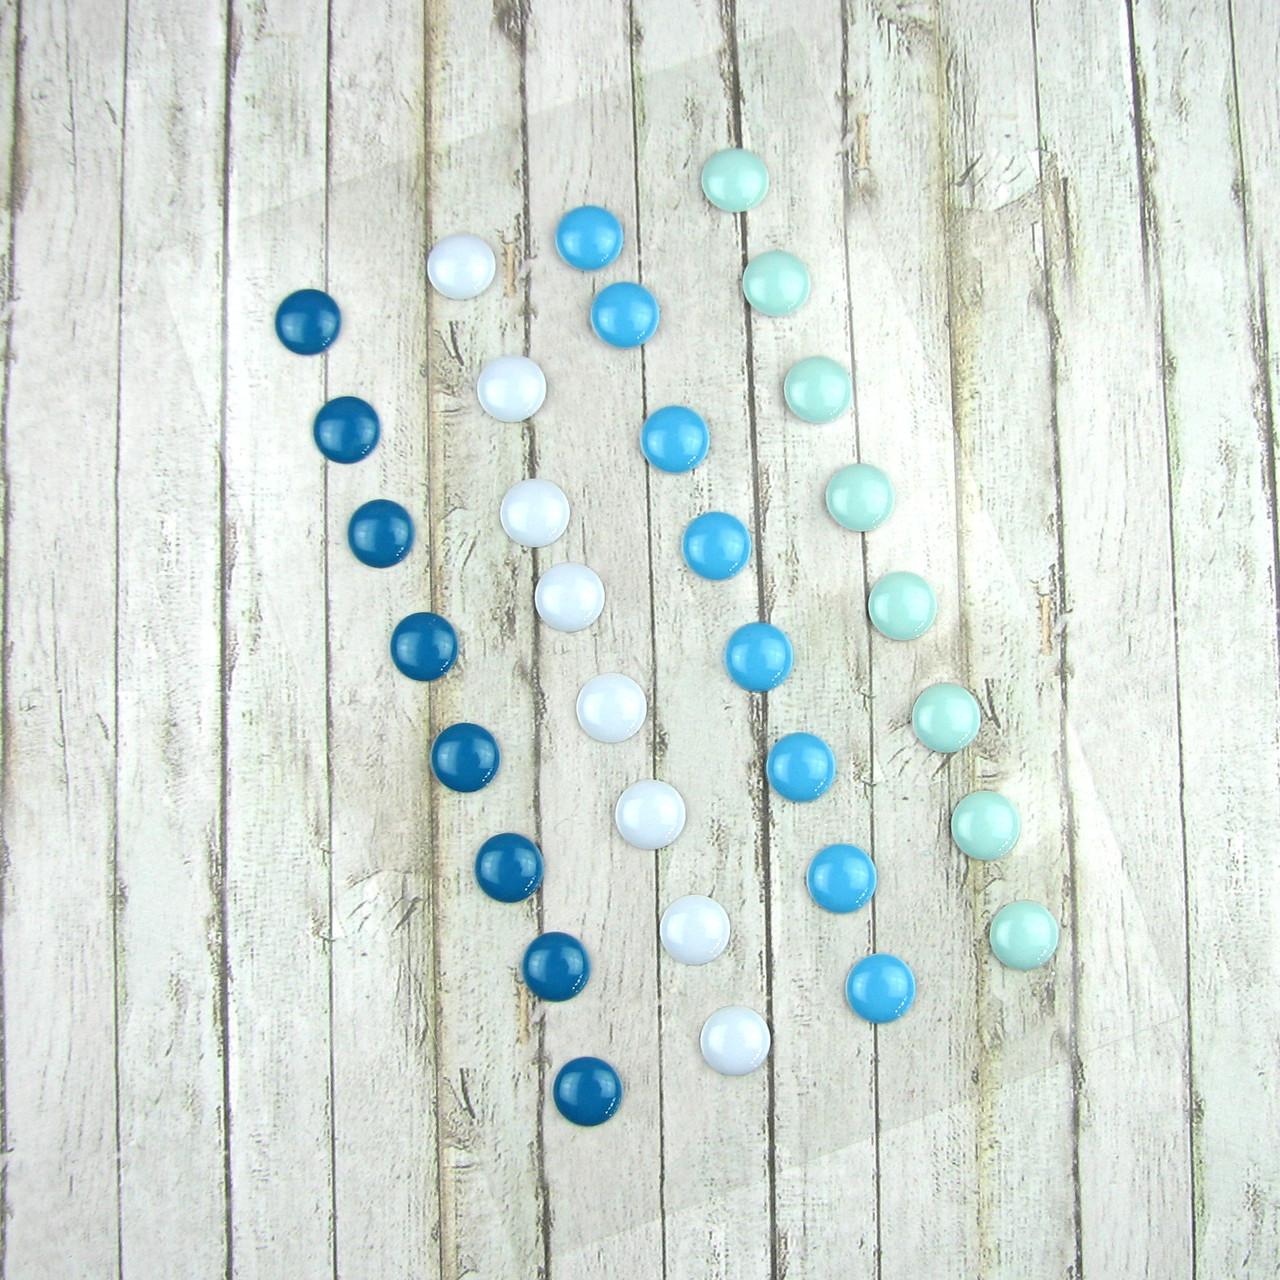 Дотсы для рукоделия голубой1 планшетка